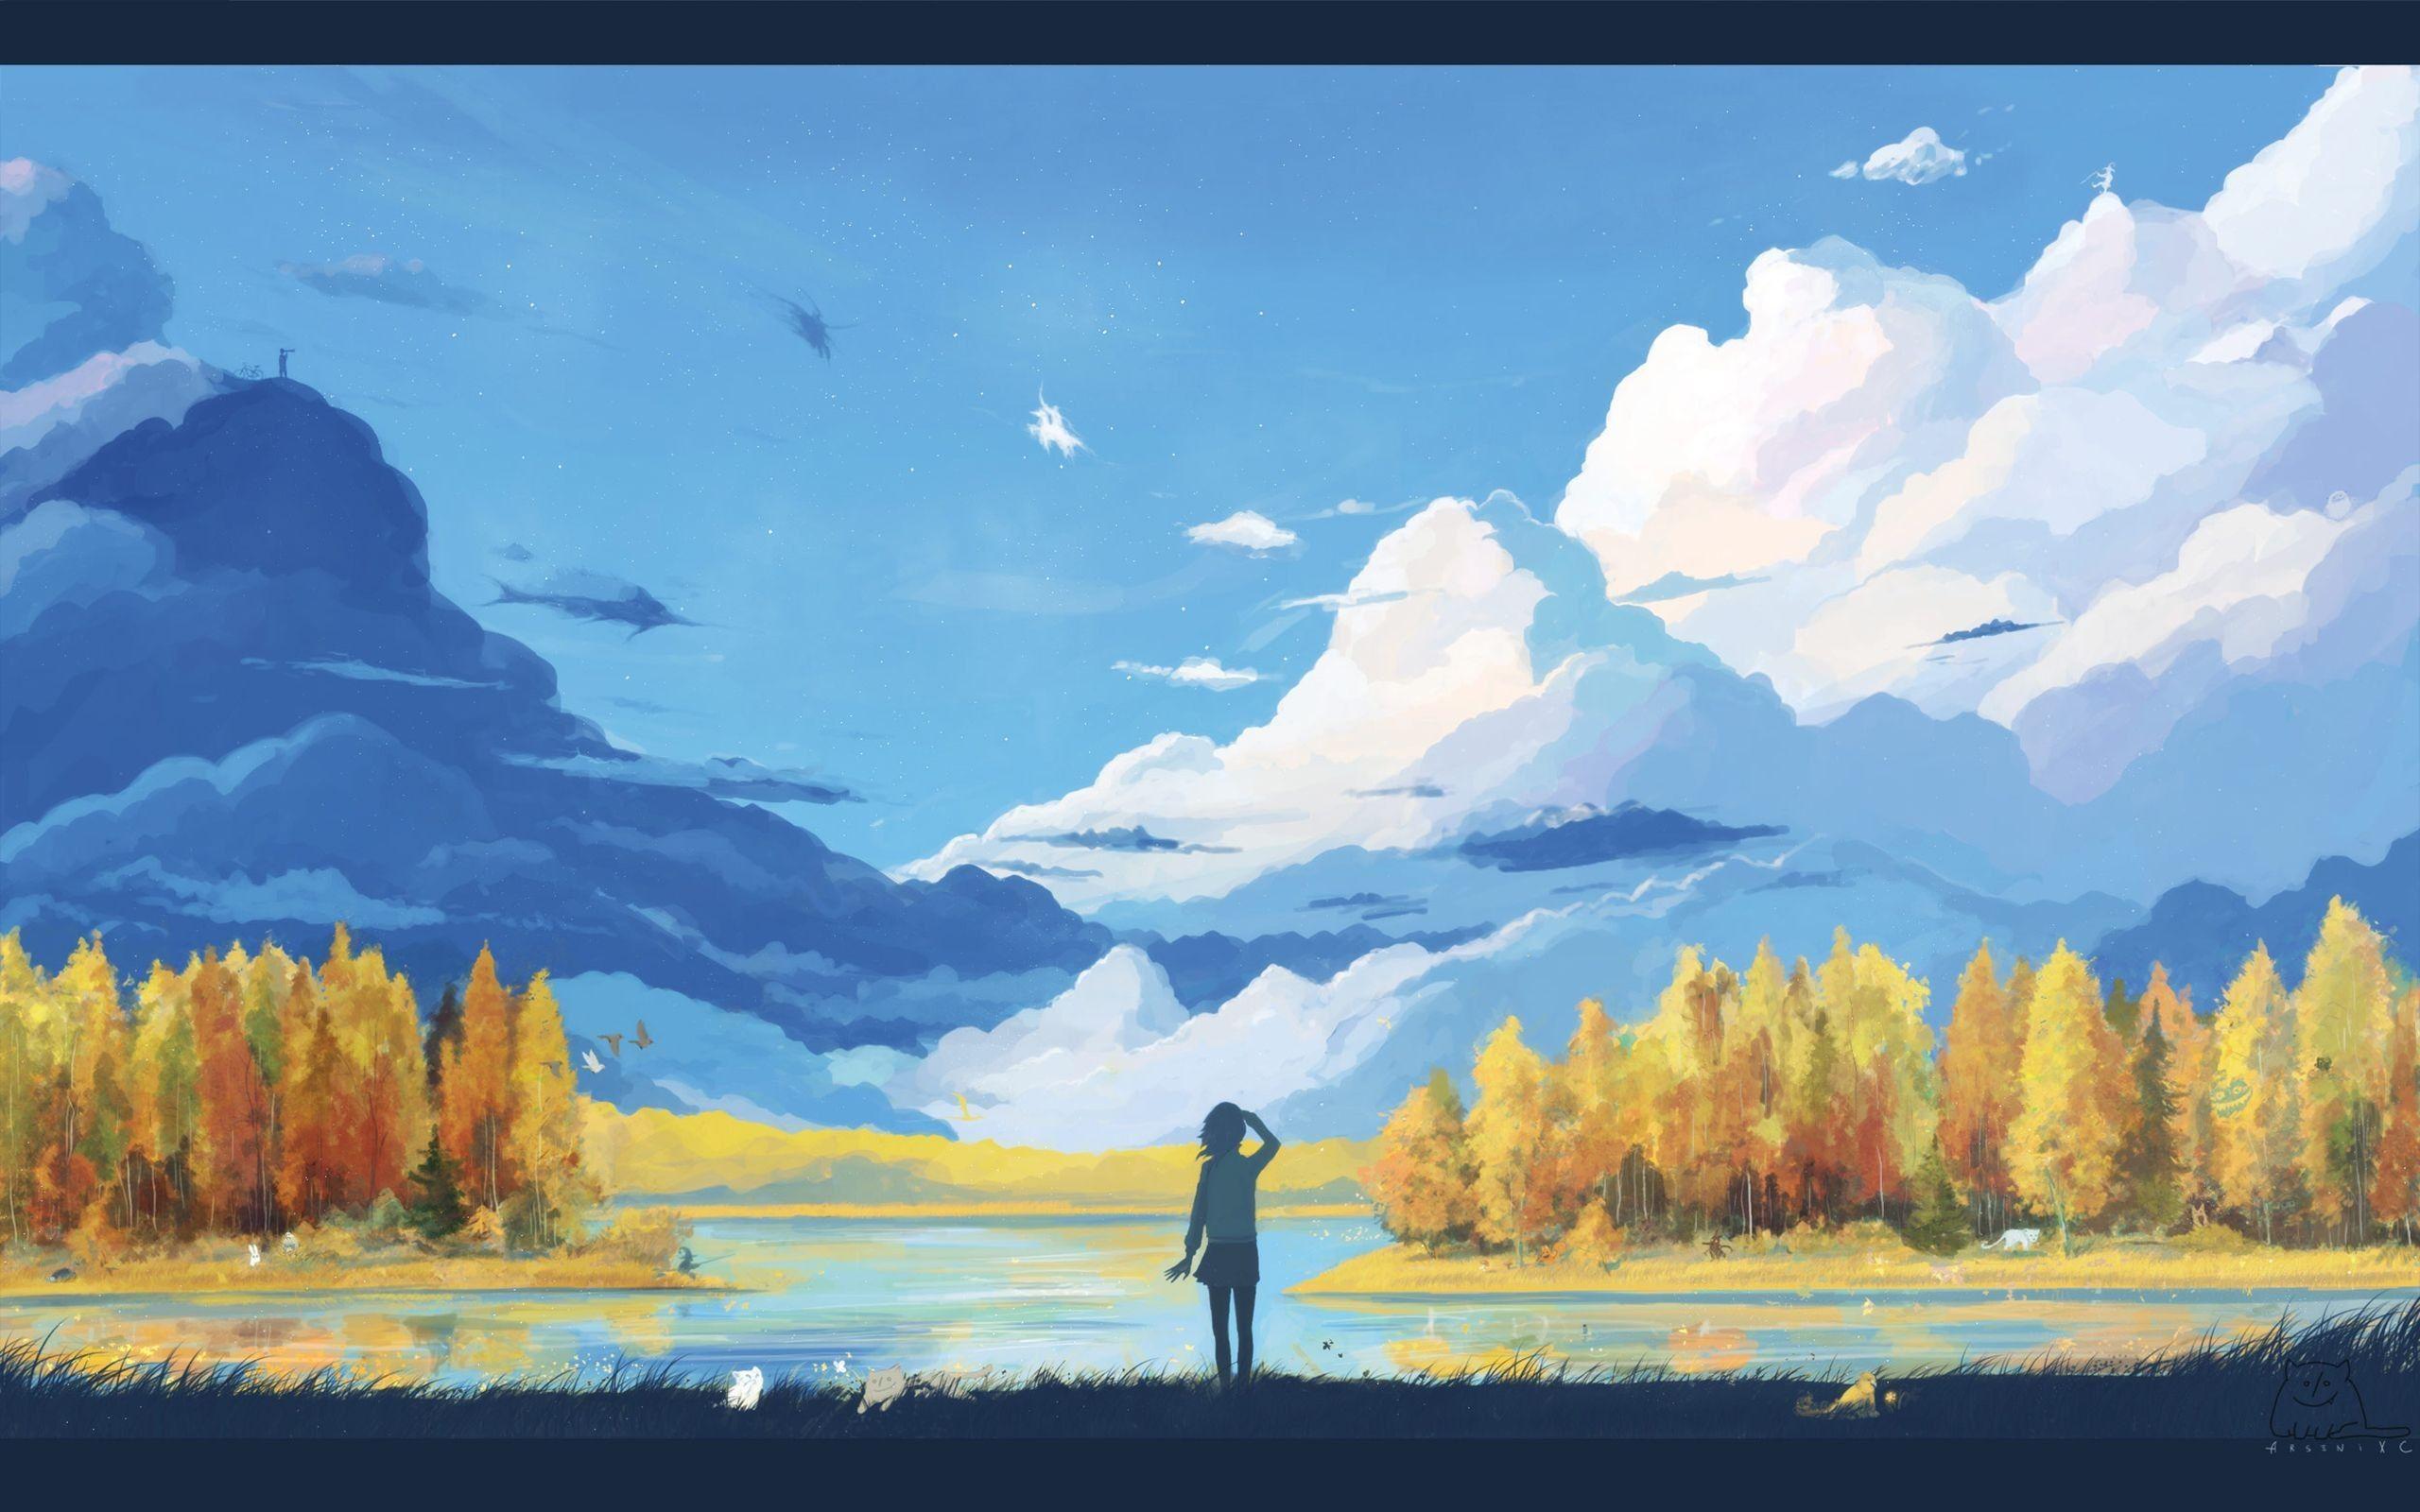 Anime Art Scenery With Girl Wallpaper Desktop  Wallpaper